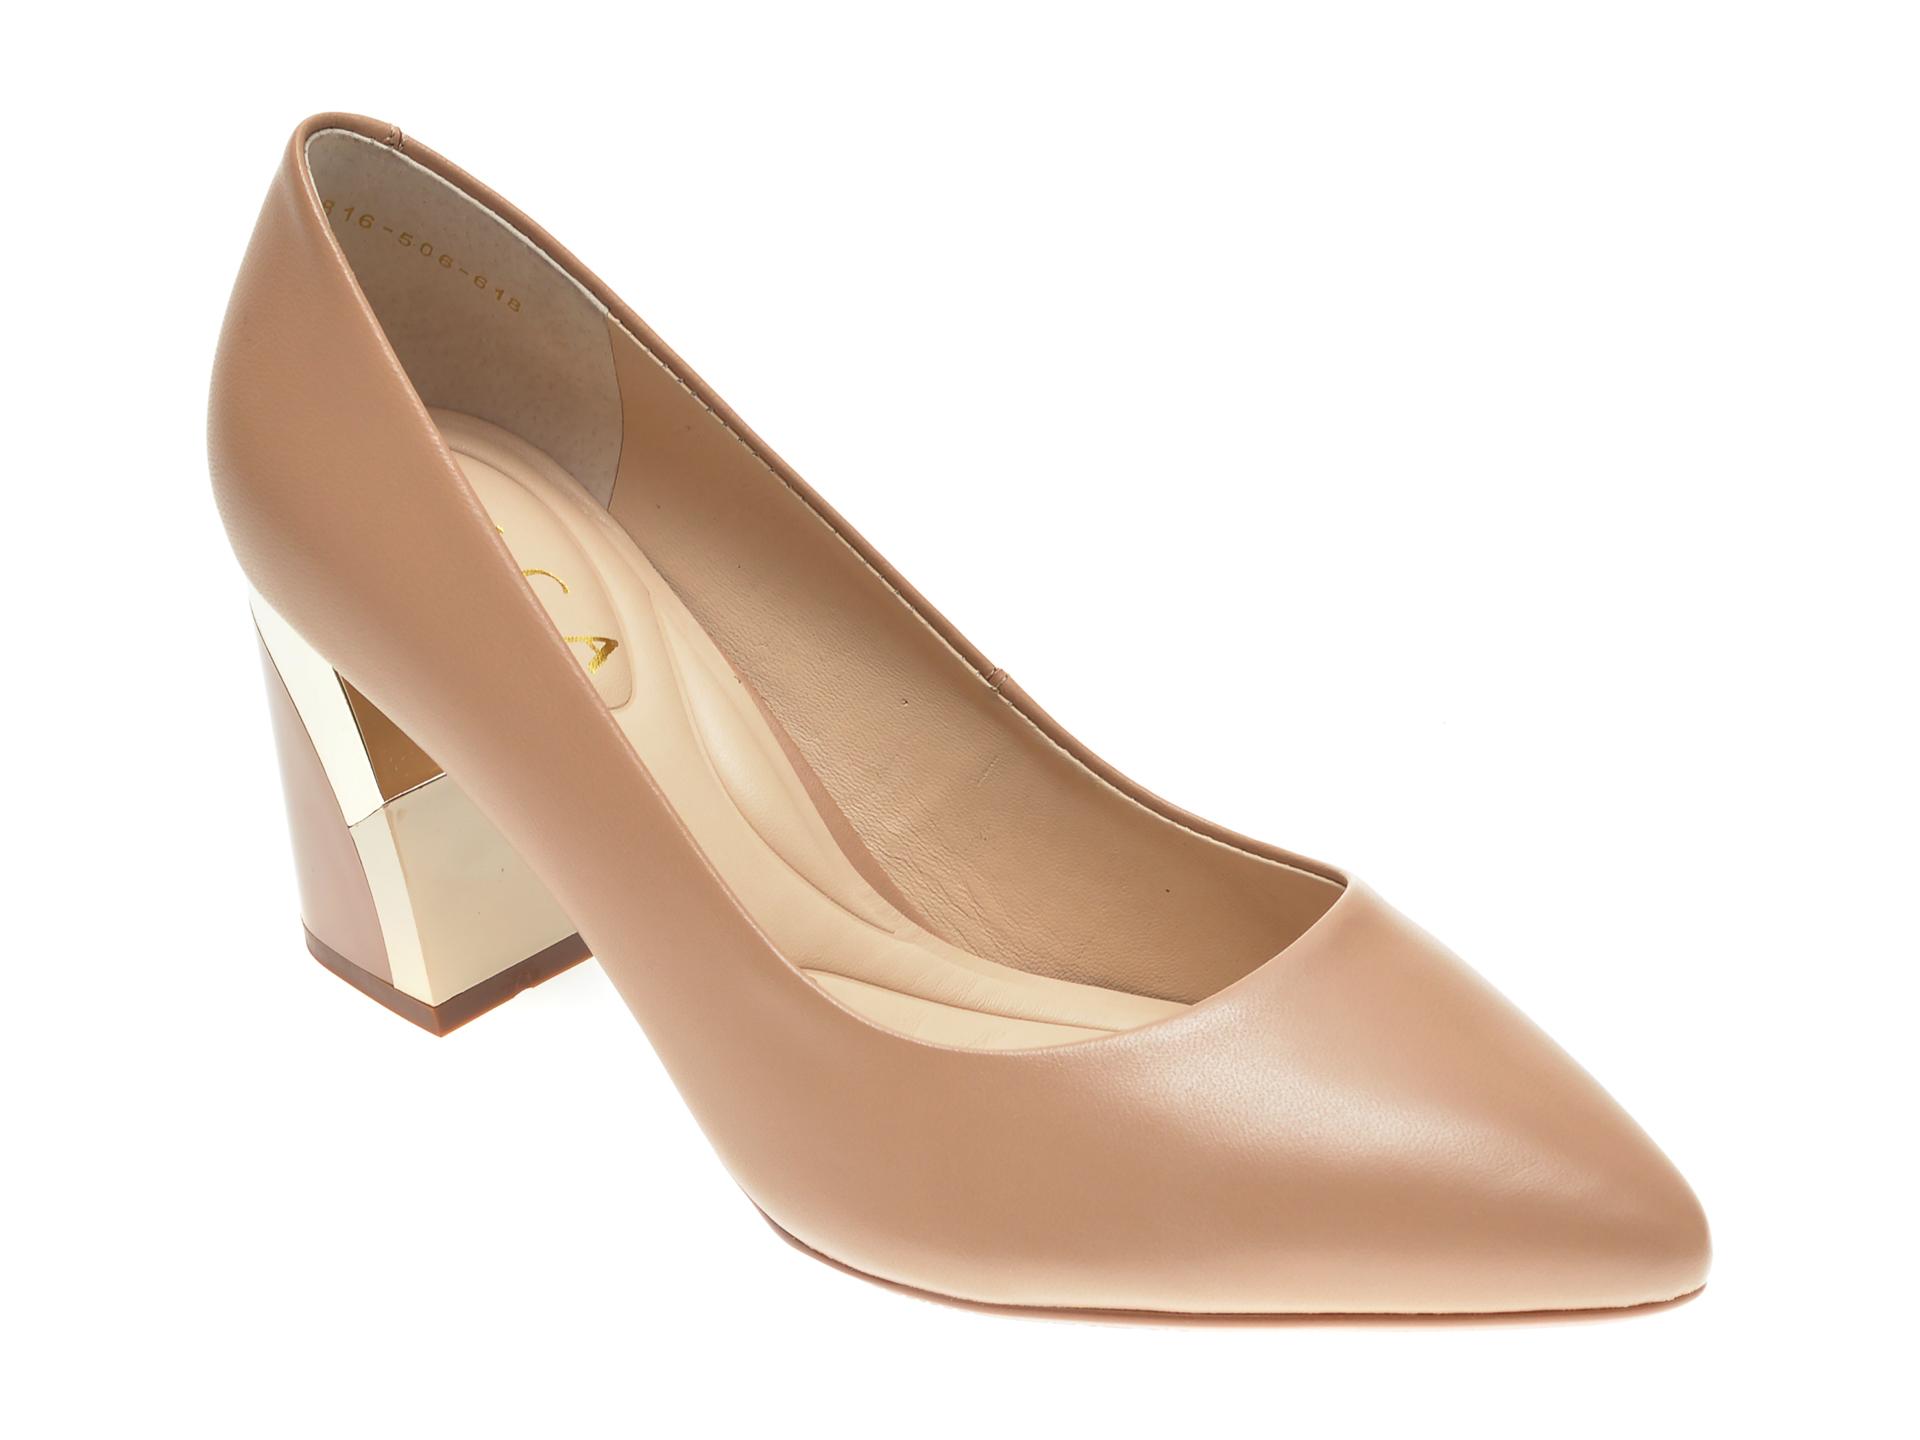 Pantofi EPICA nude, 8816506, din piele naturala imagine